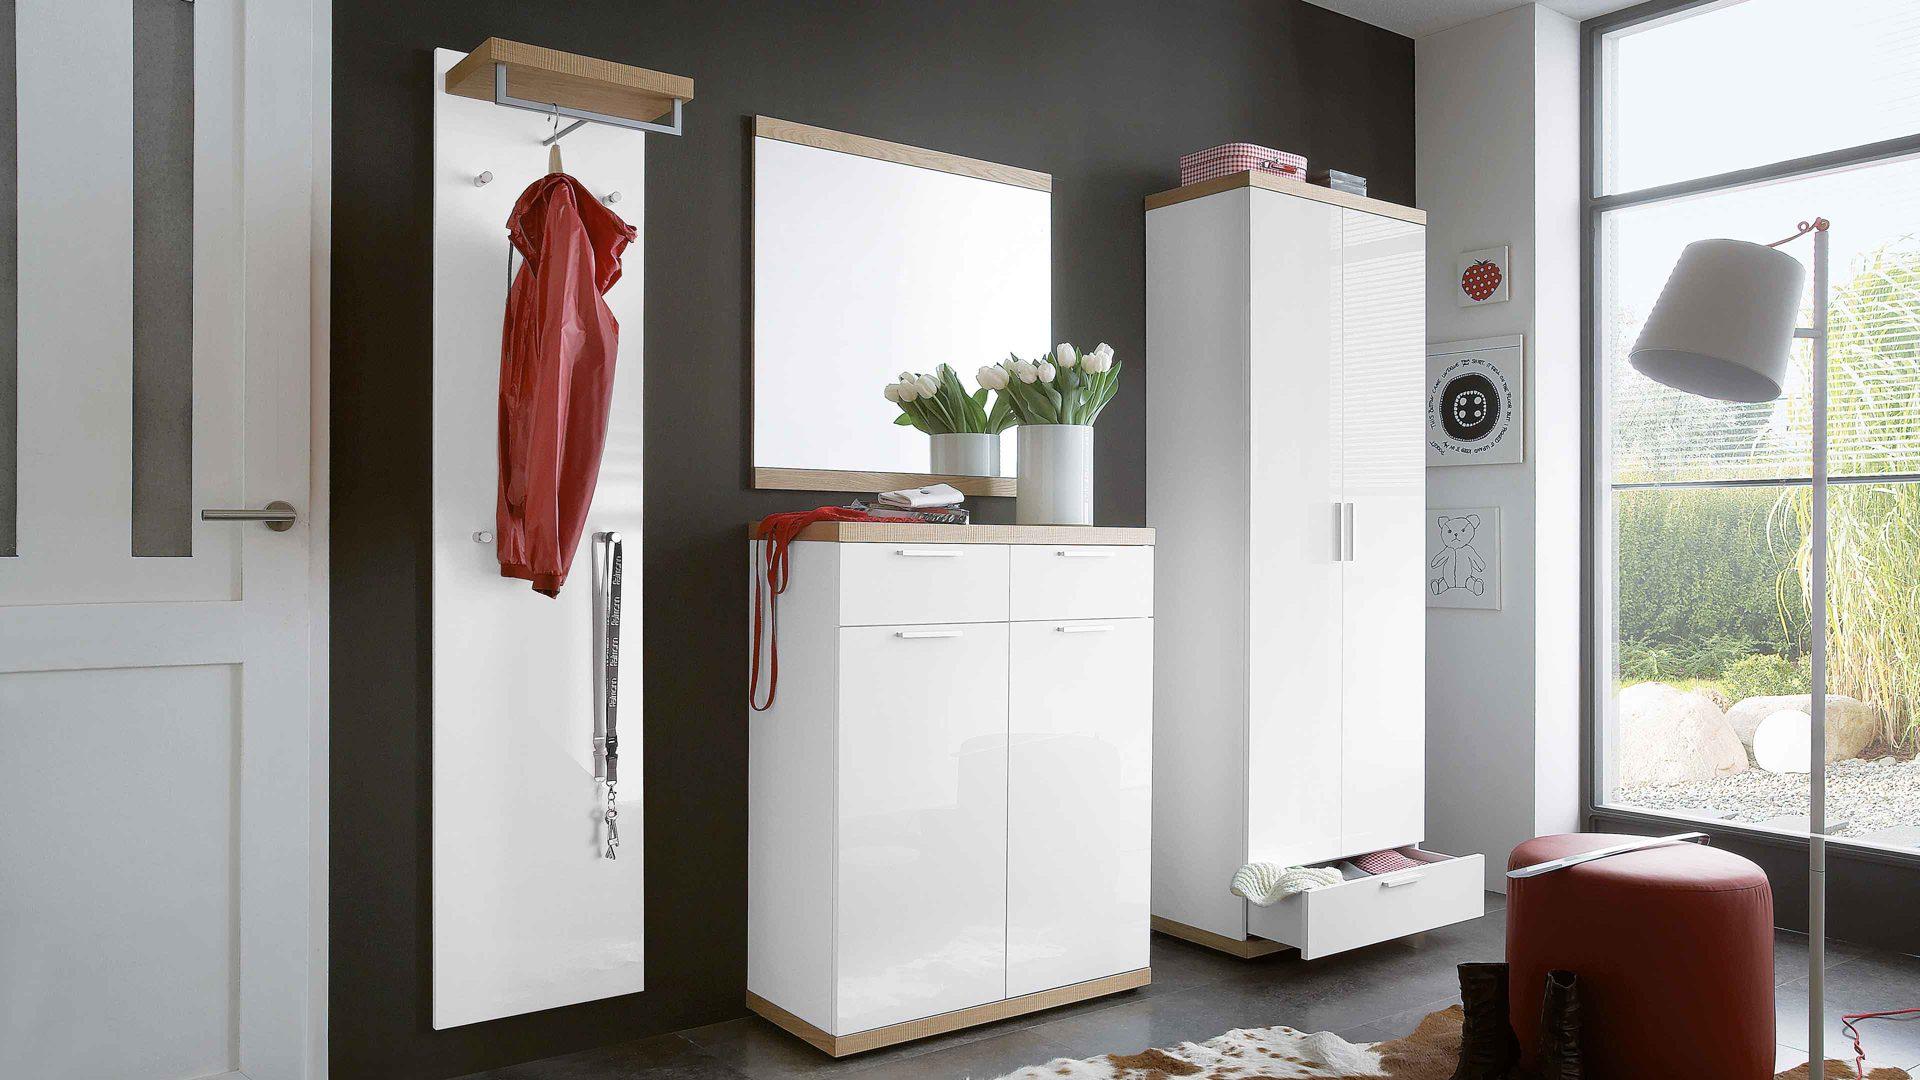 Moderne Wandgarderobe Weiß.Einrichtungspartnerring Markenshops Garderobe Voss